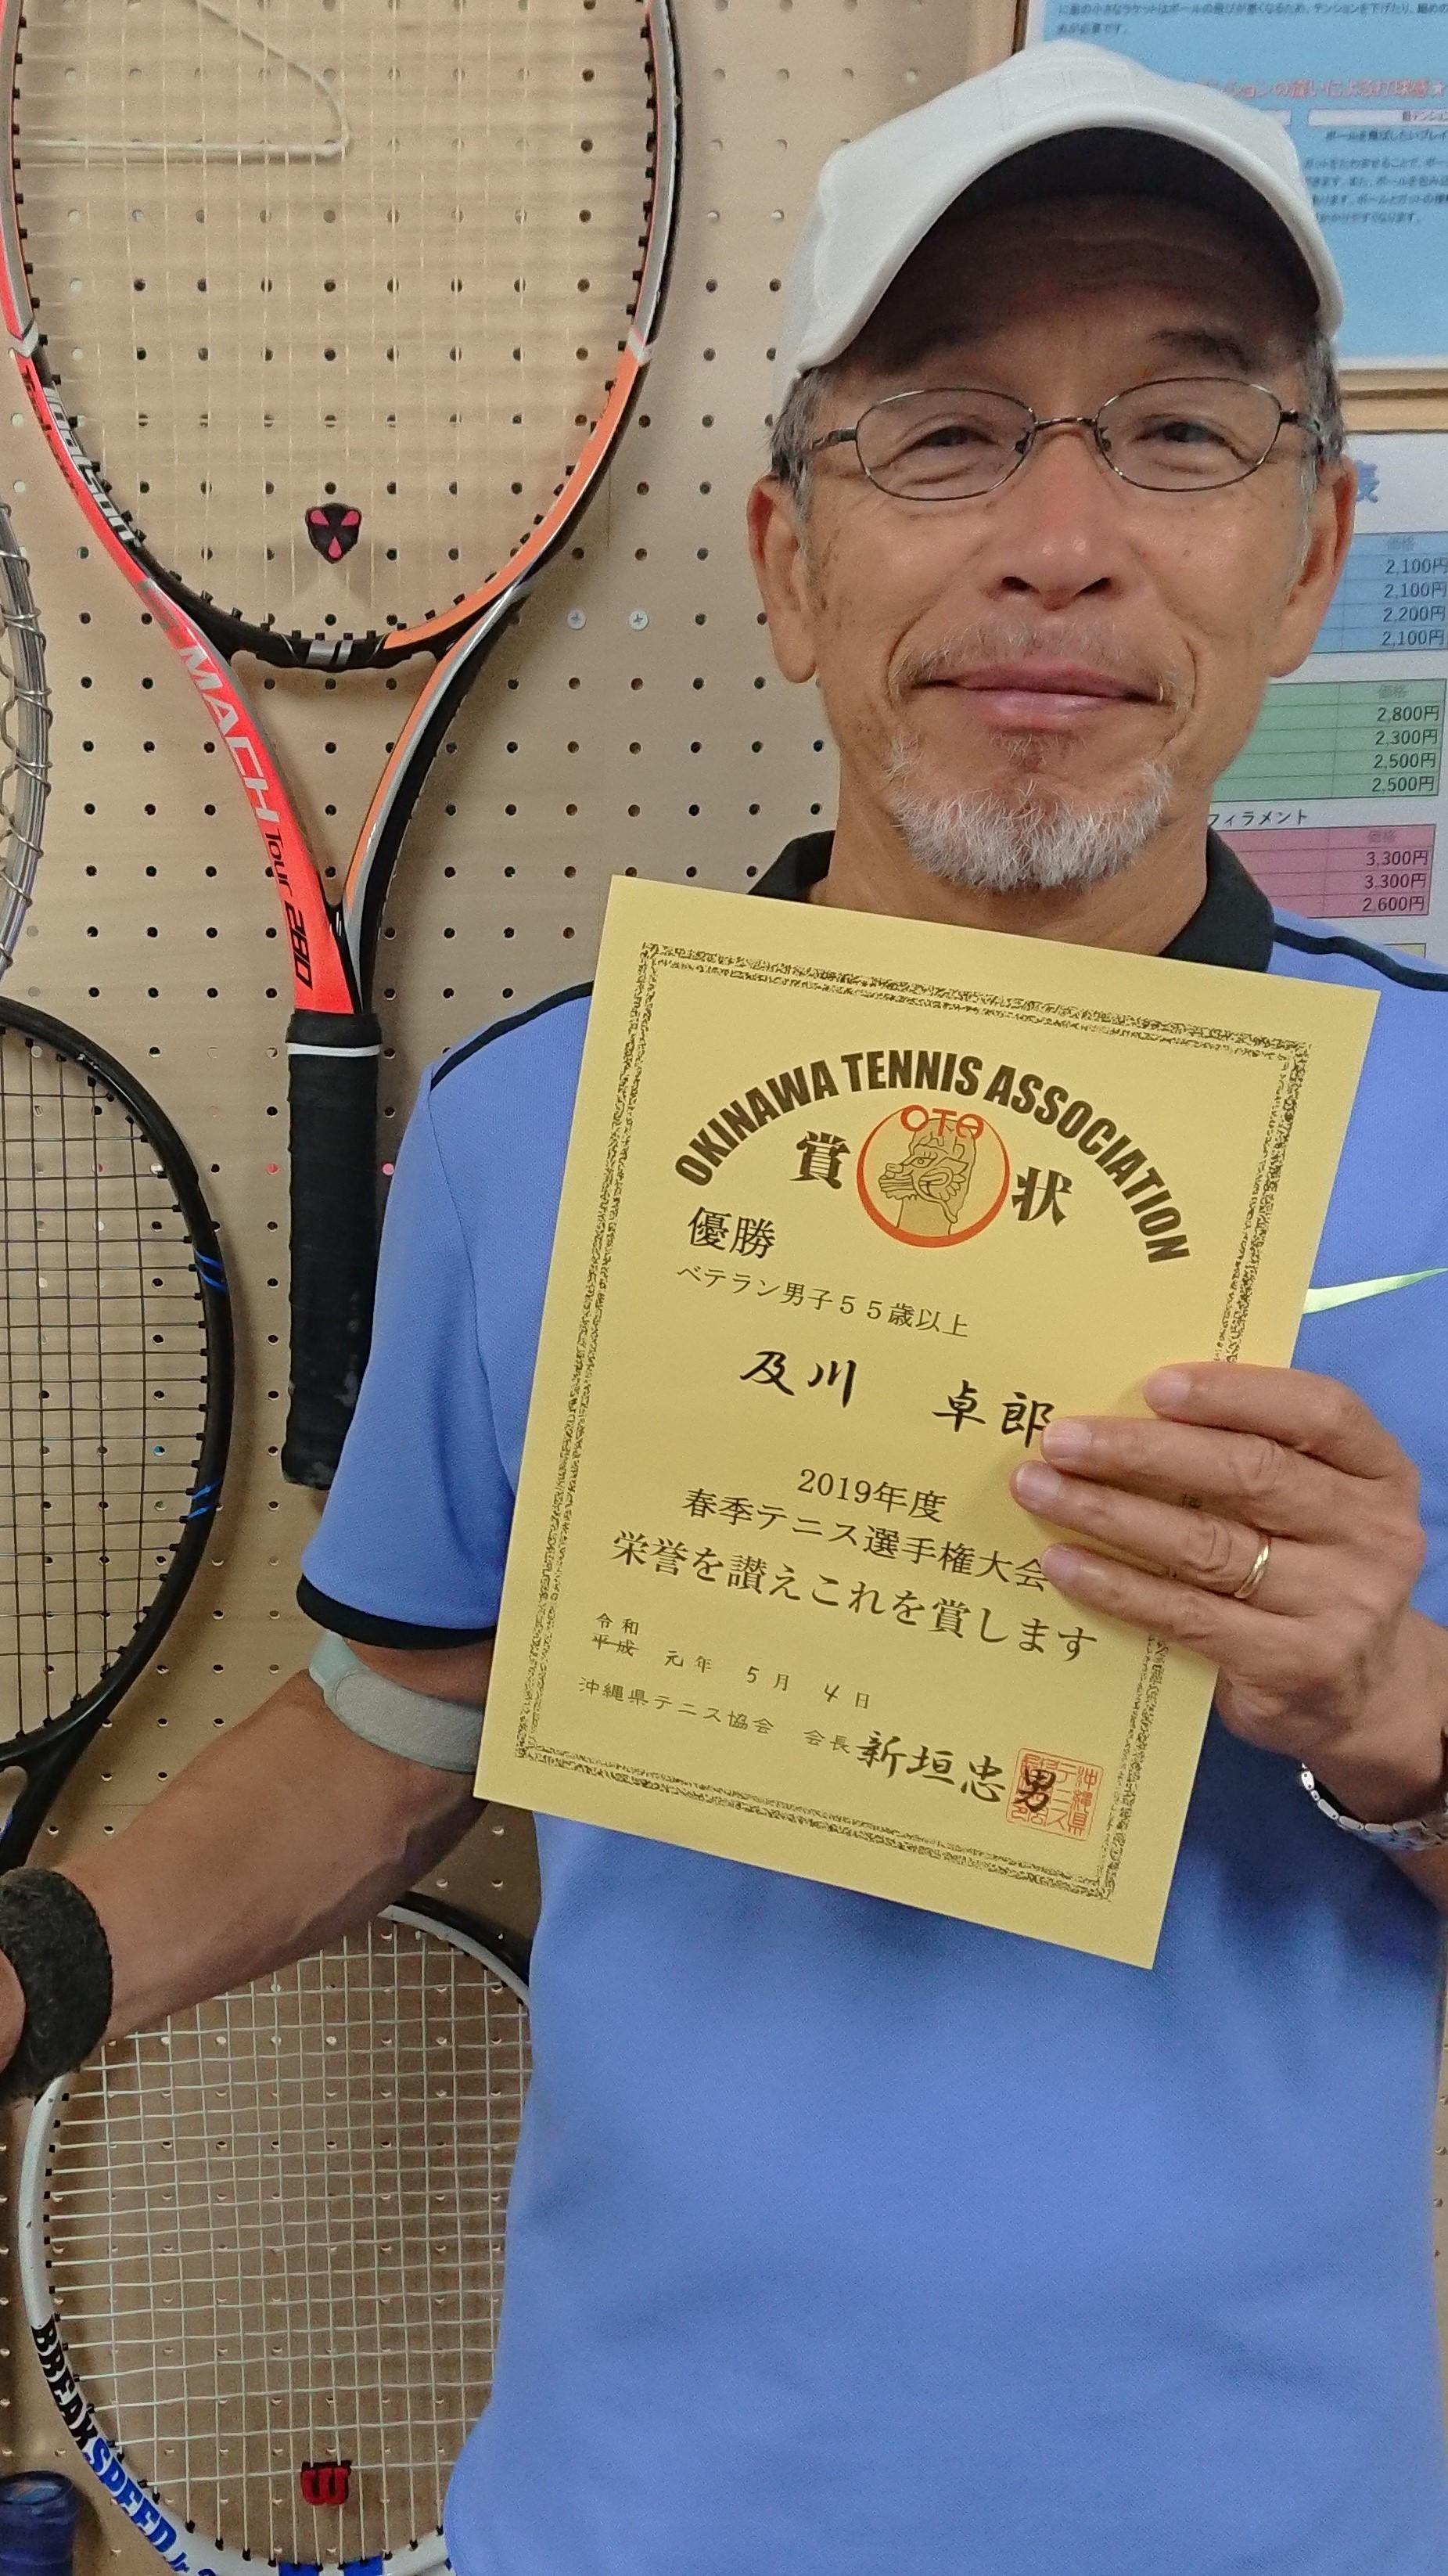 2019春季大会55歳シングルス優勝